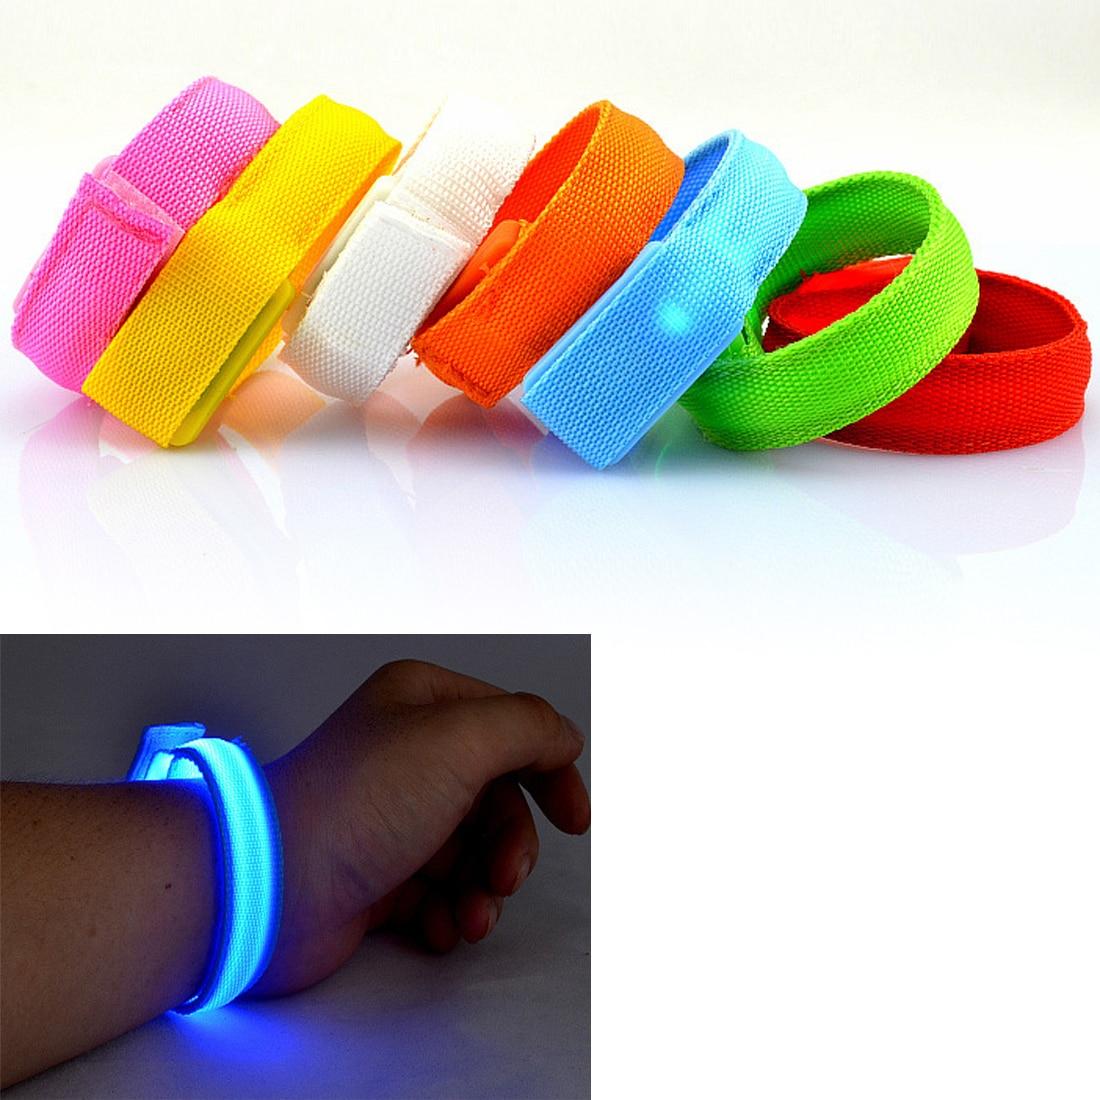 Красивый светодиодный мигающий браслет на запястье, светильник, светящийся на открытом воздухе в темноте, Танцевальная вечеринка, спорт, много цветов